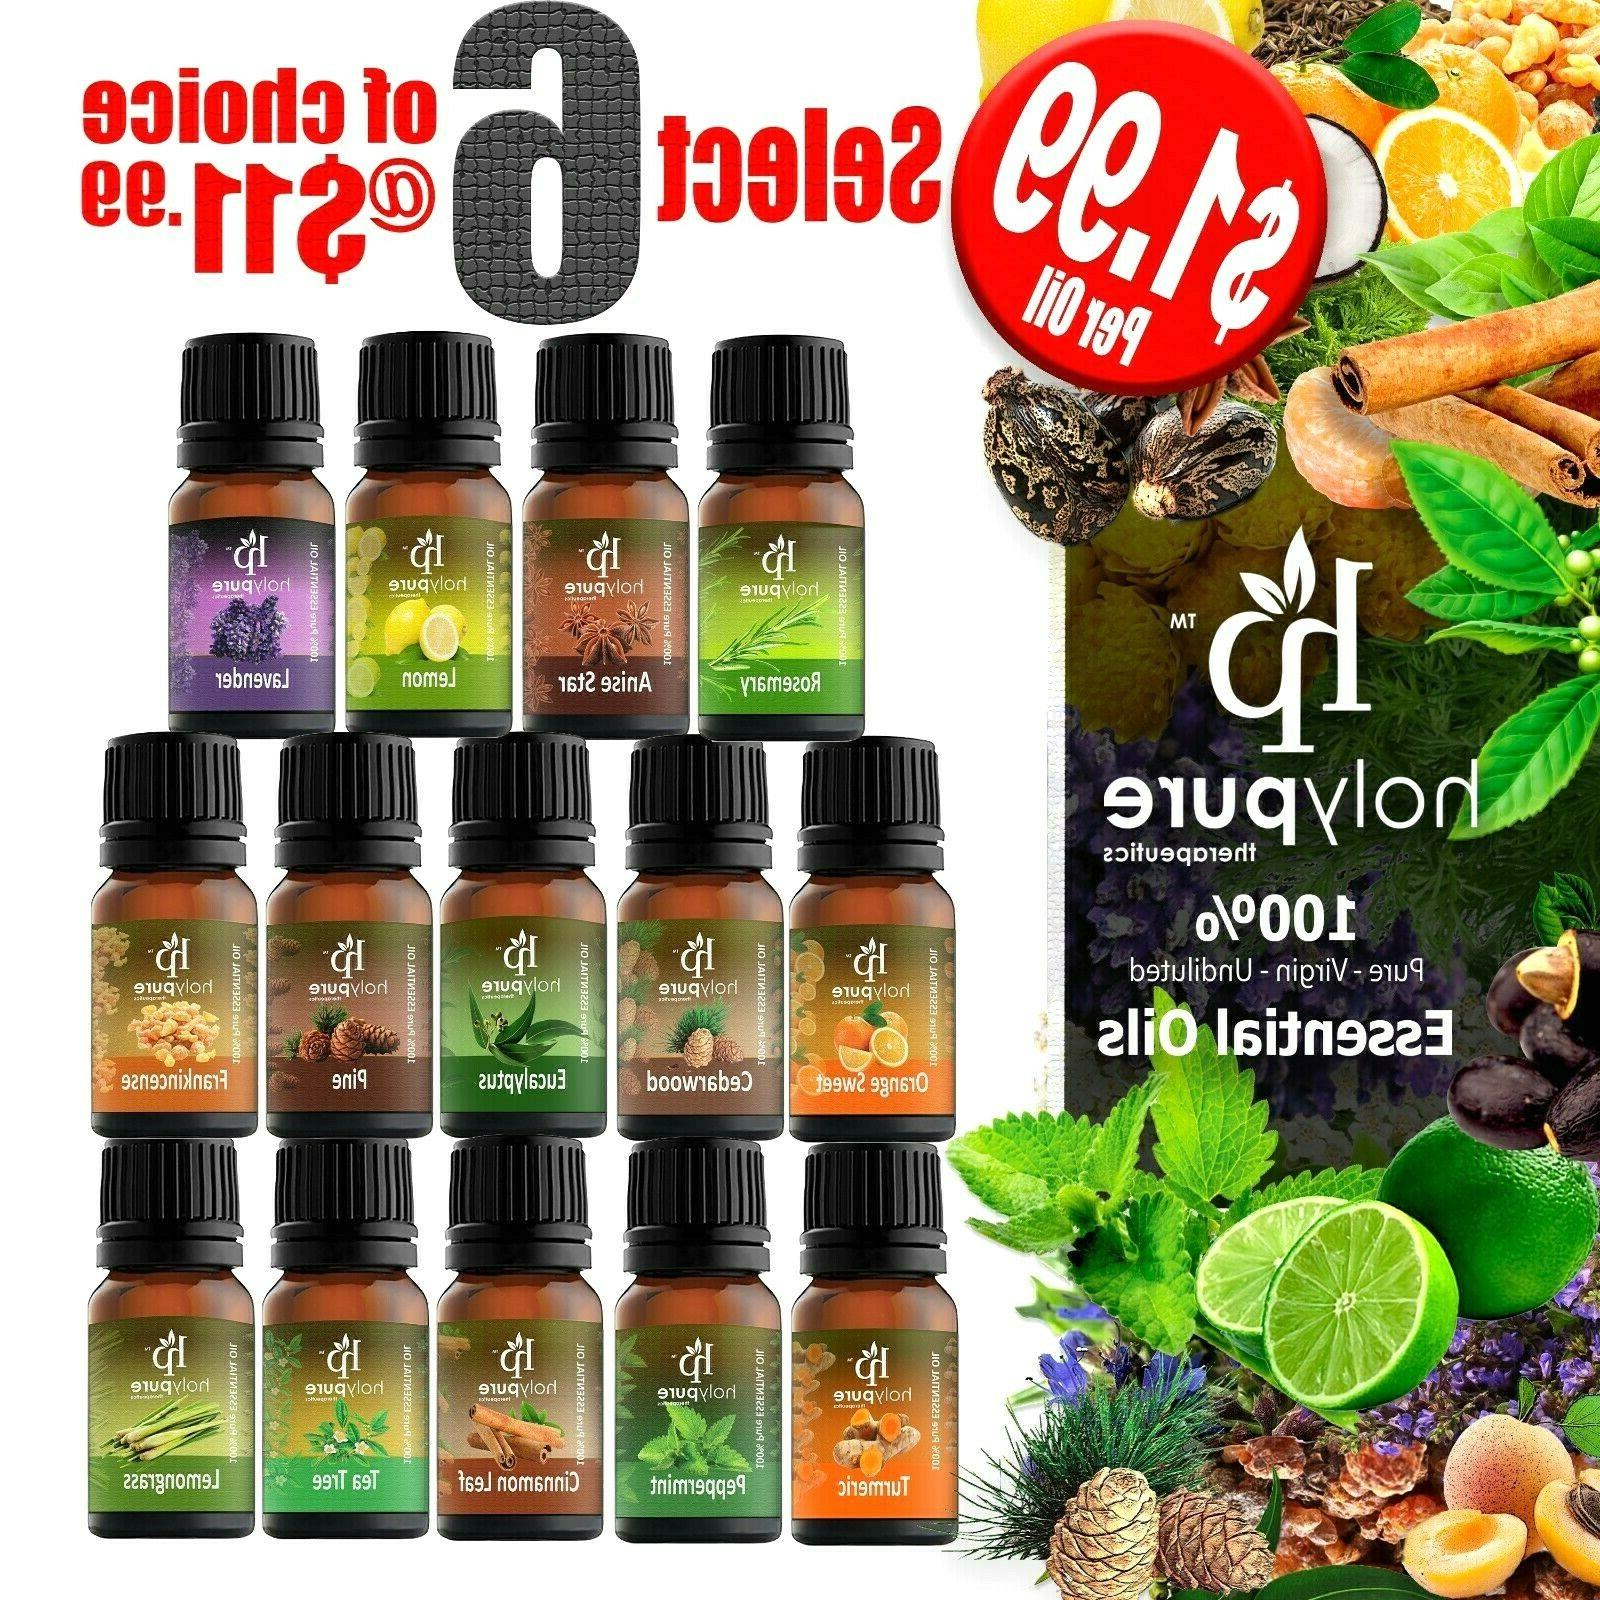 create a set of 6 essential oils